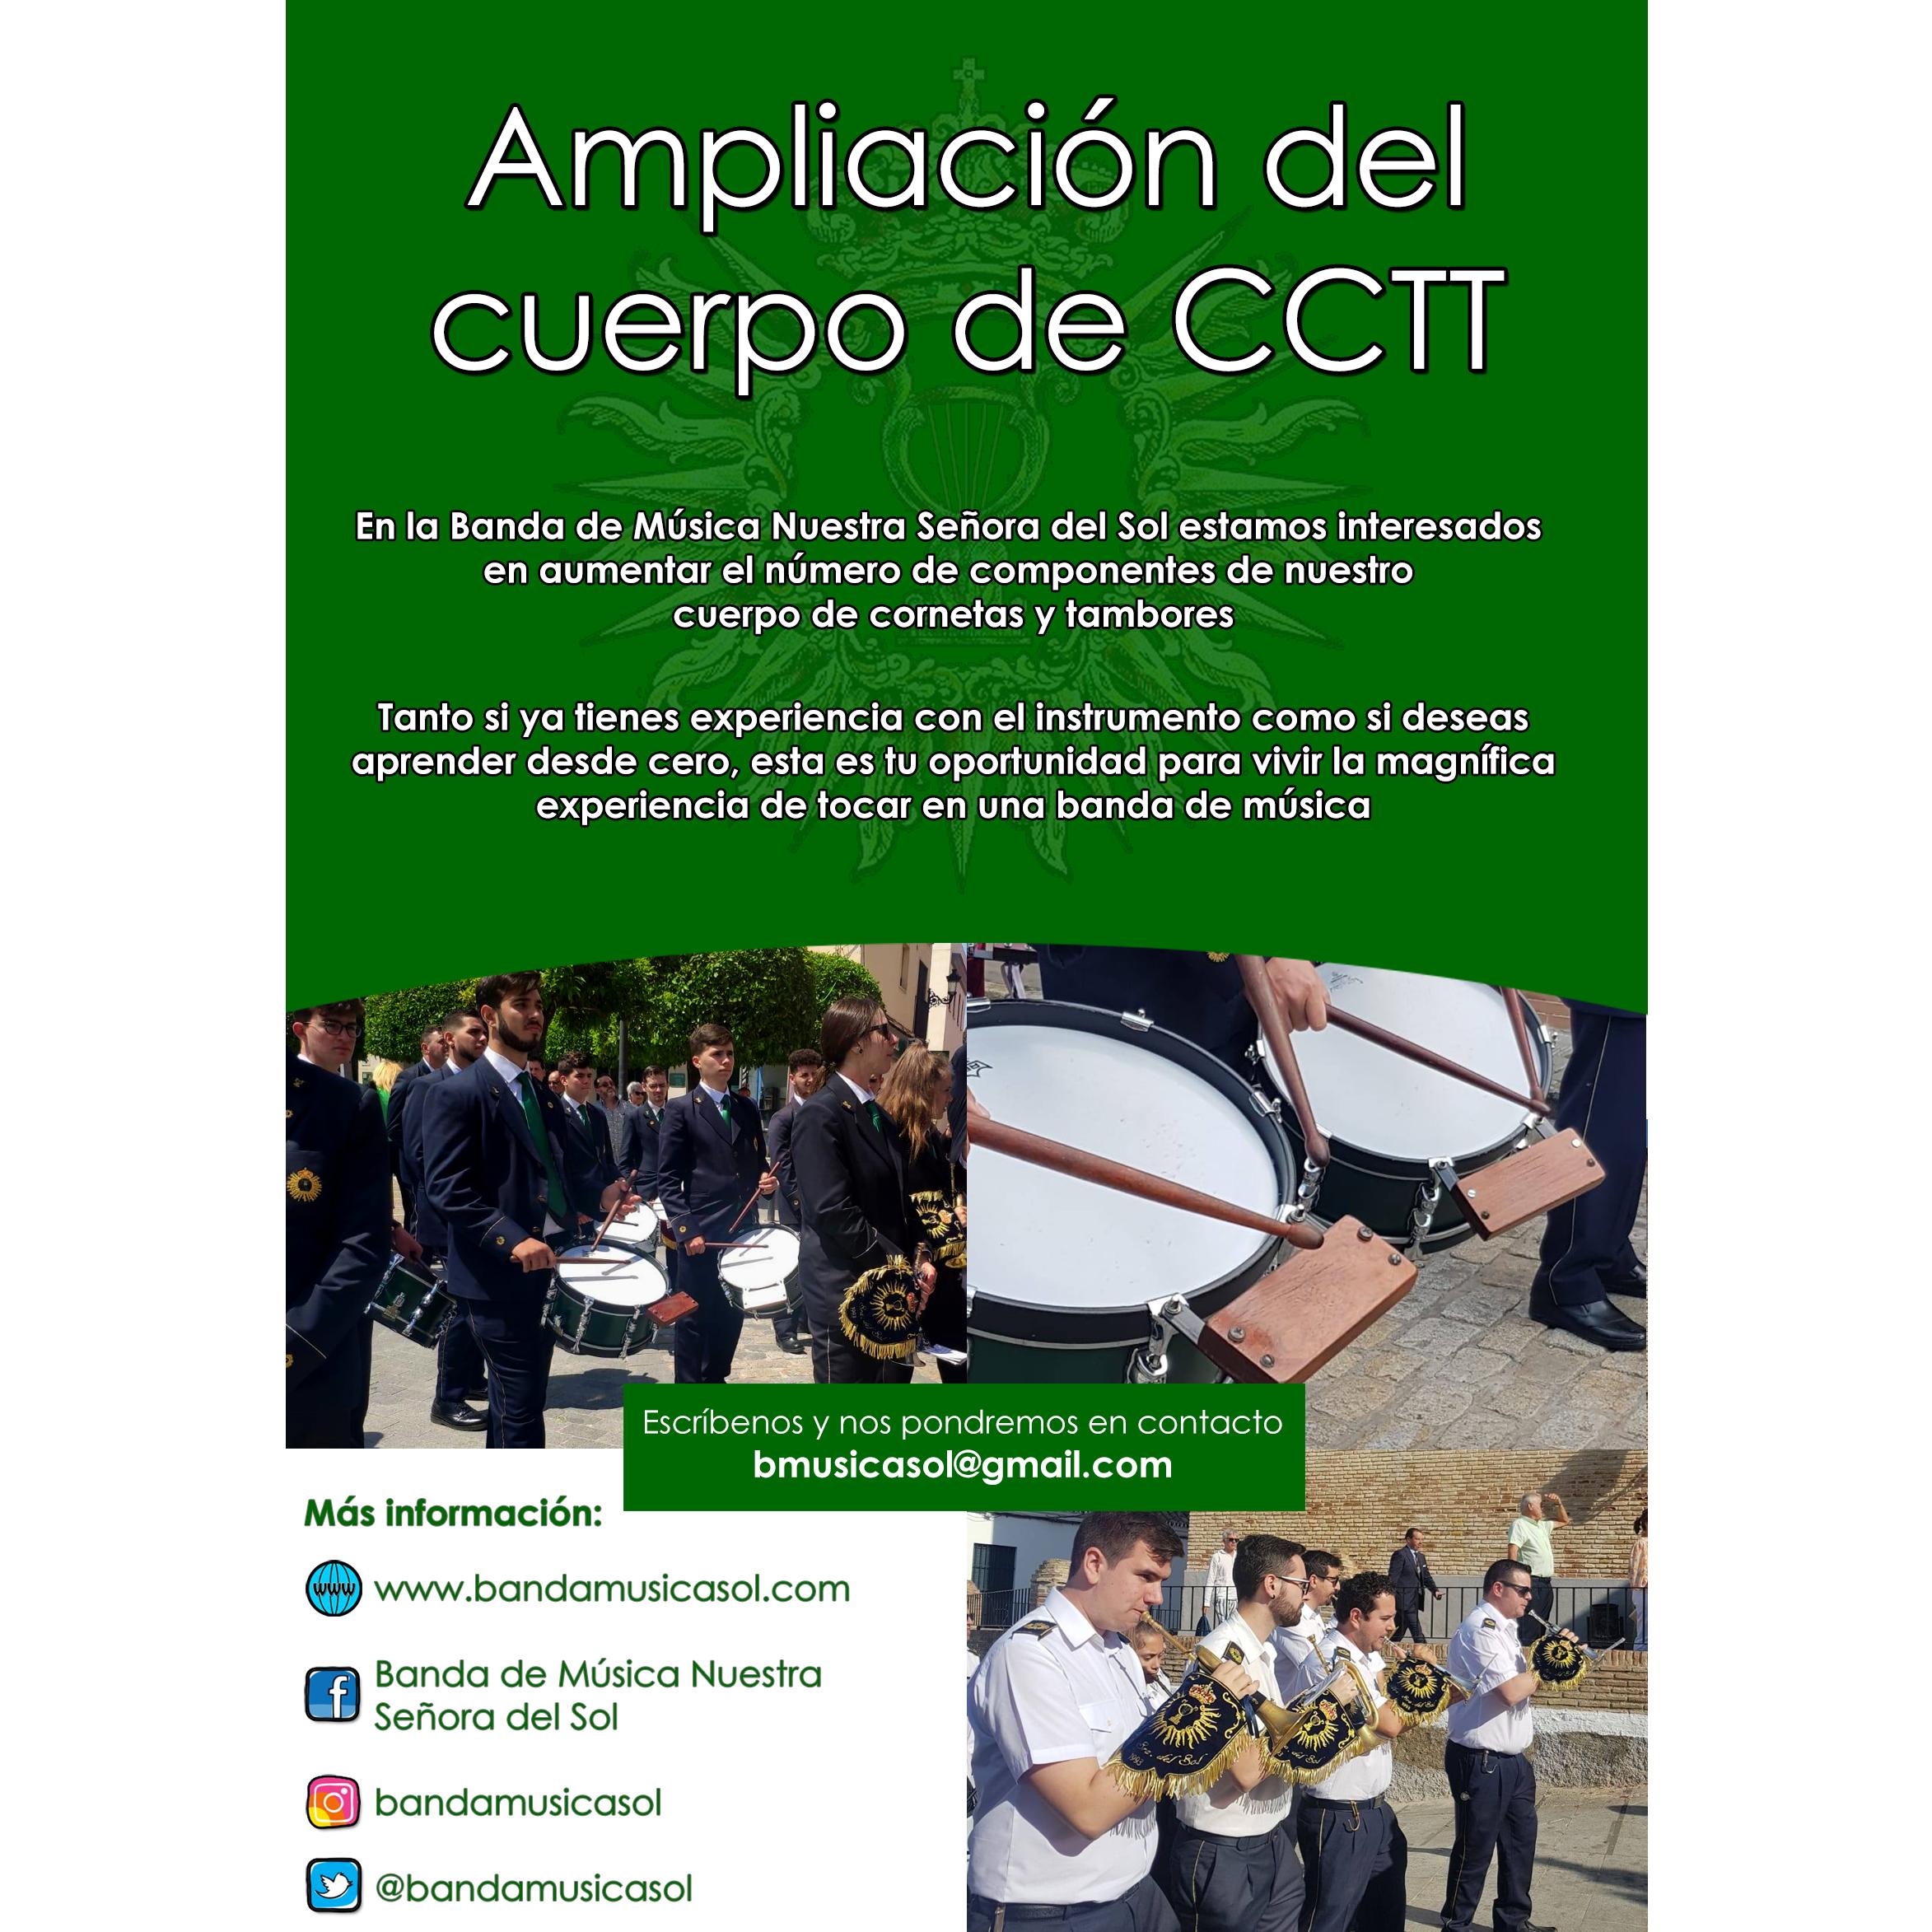 Ampliación del cuerpo de CCTT